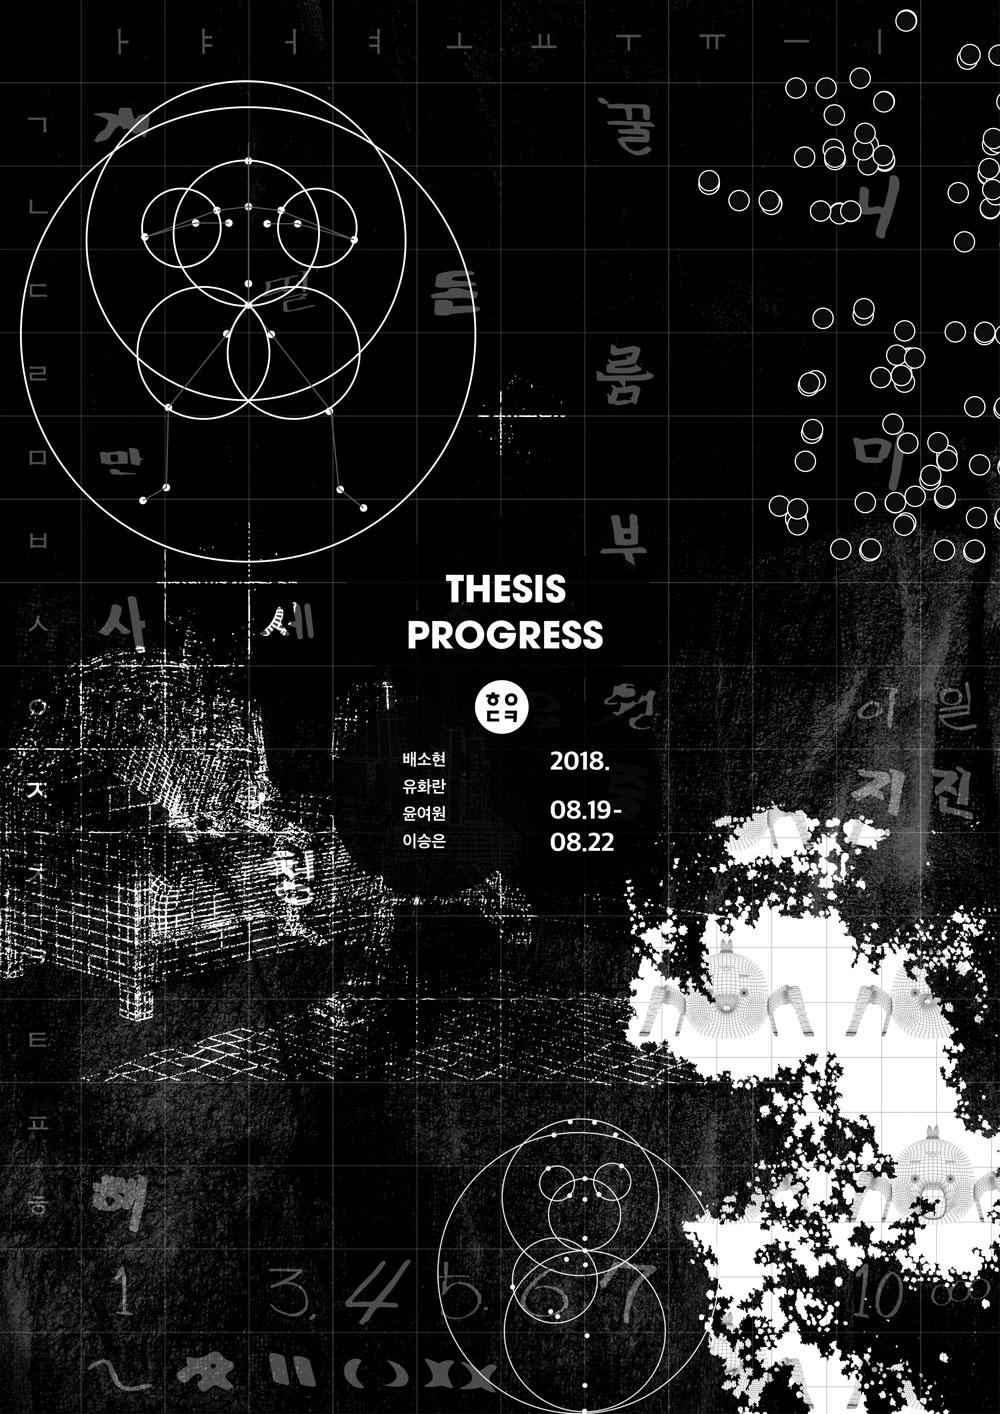 무료전시초대 - THESIS PROGRESS 포스터